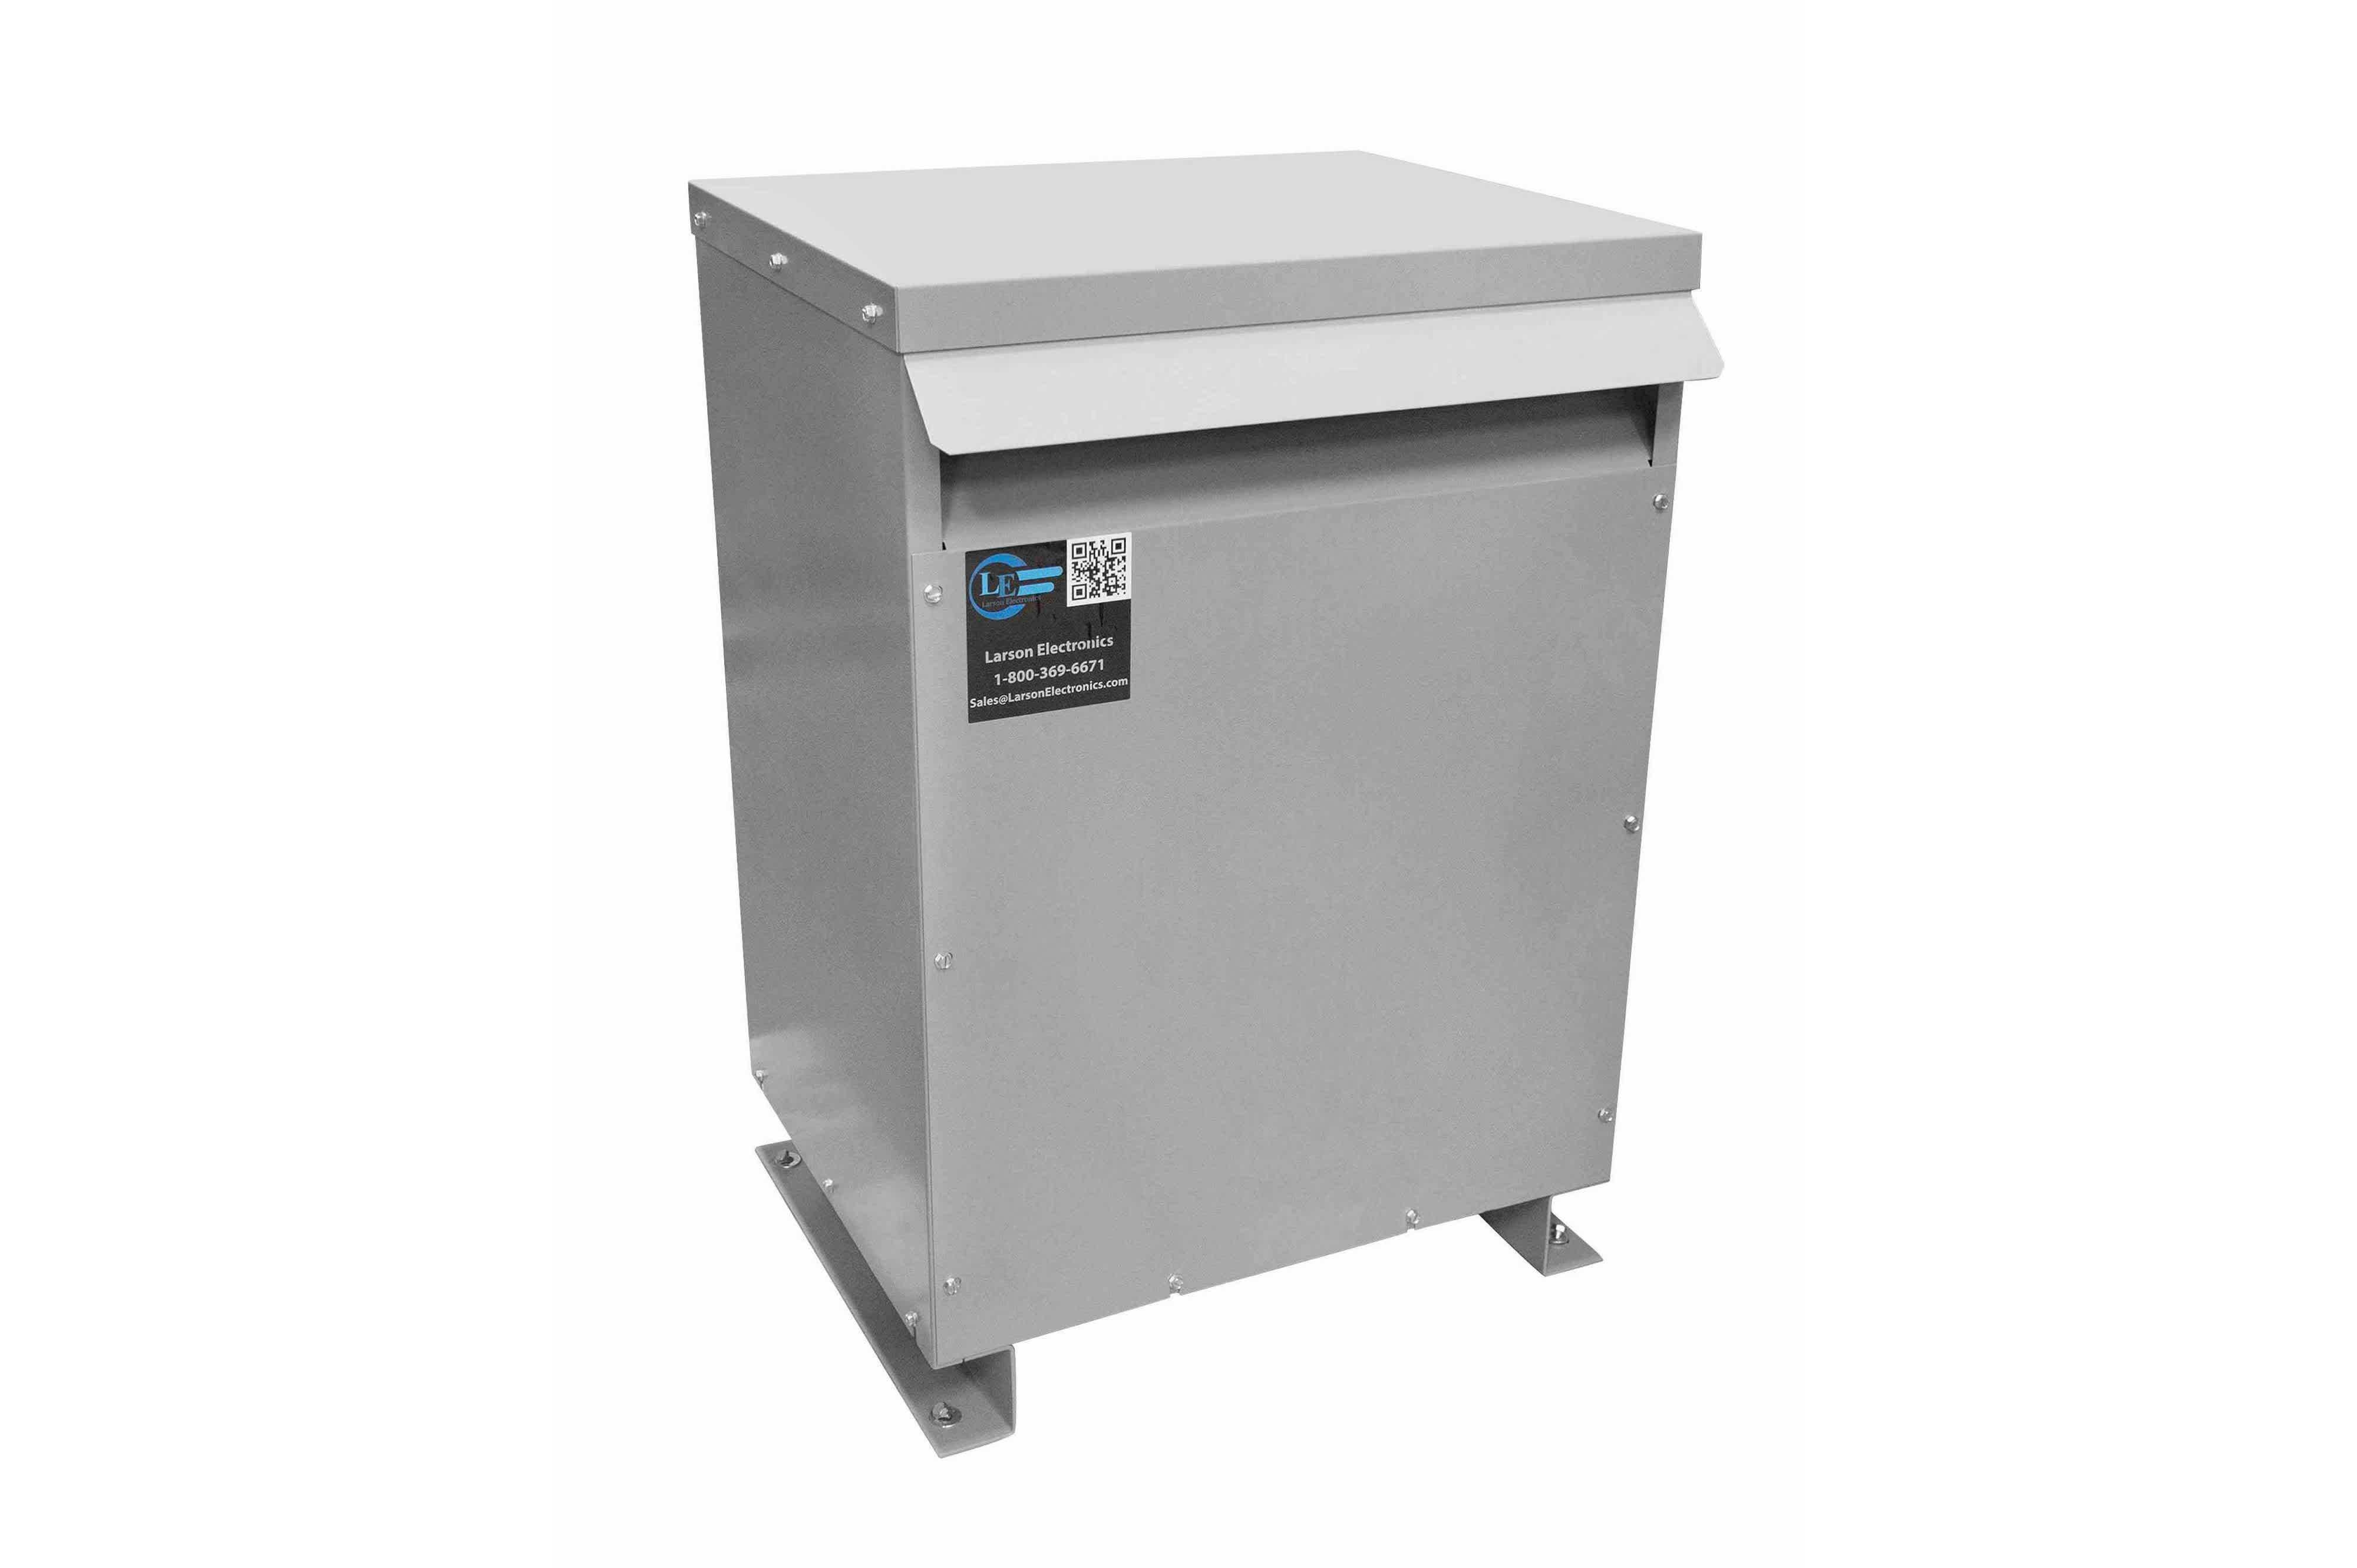 1000 kVA 3PH Isolation Transformer, 460V Delta Primary, 380V Delta Secondary, N3R, Ventilated, 60 Hz